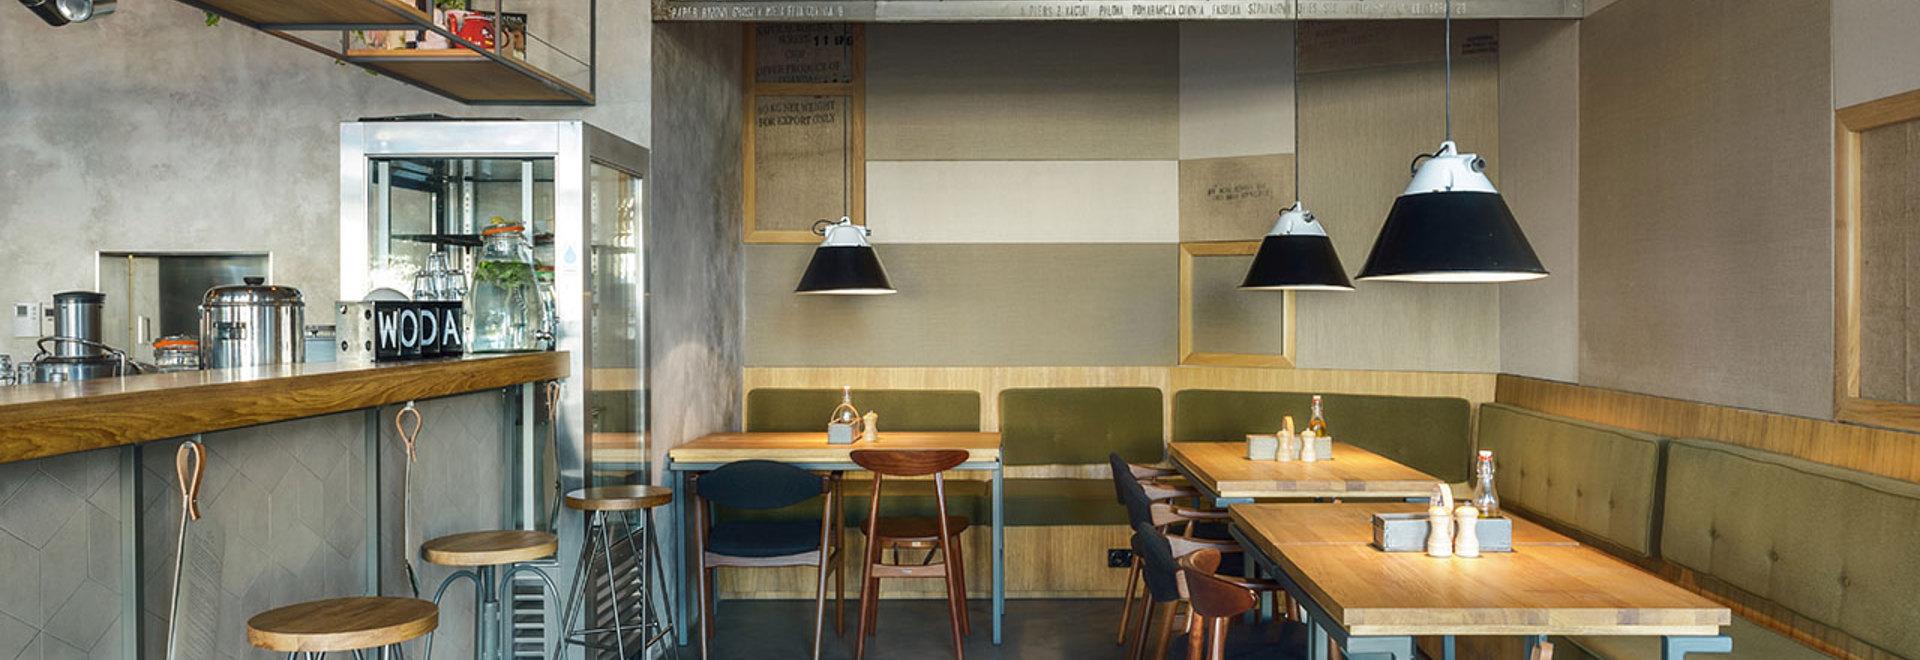 ¿G? barra y restaurante en Gdyna, Polonia por PB/STUDIO y Felipe Kozarsk de Osobowa del ówna